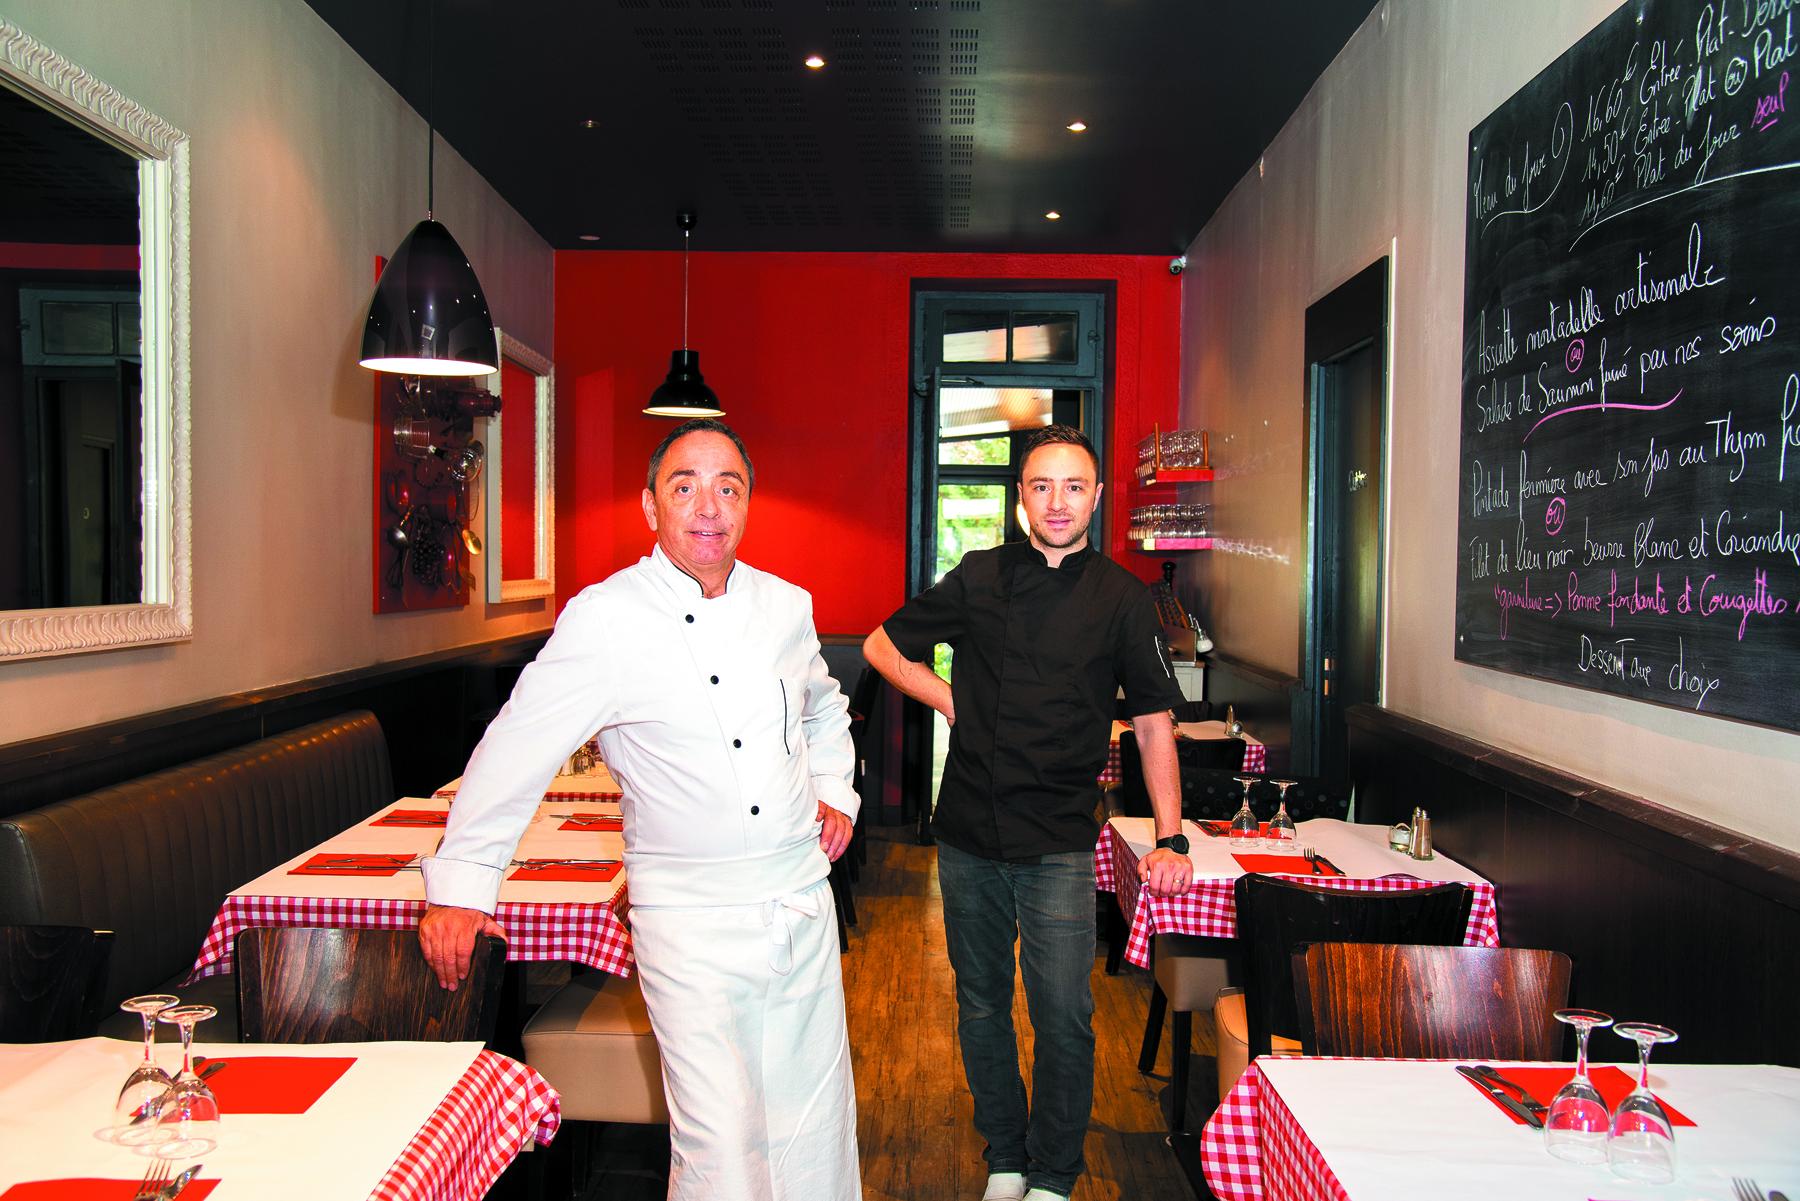 Restaurant L'Artisan Cuisinier - Marc Jarillot